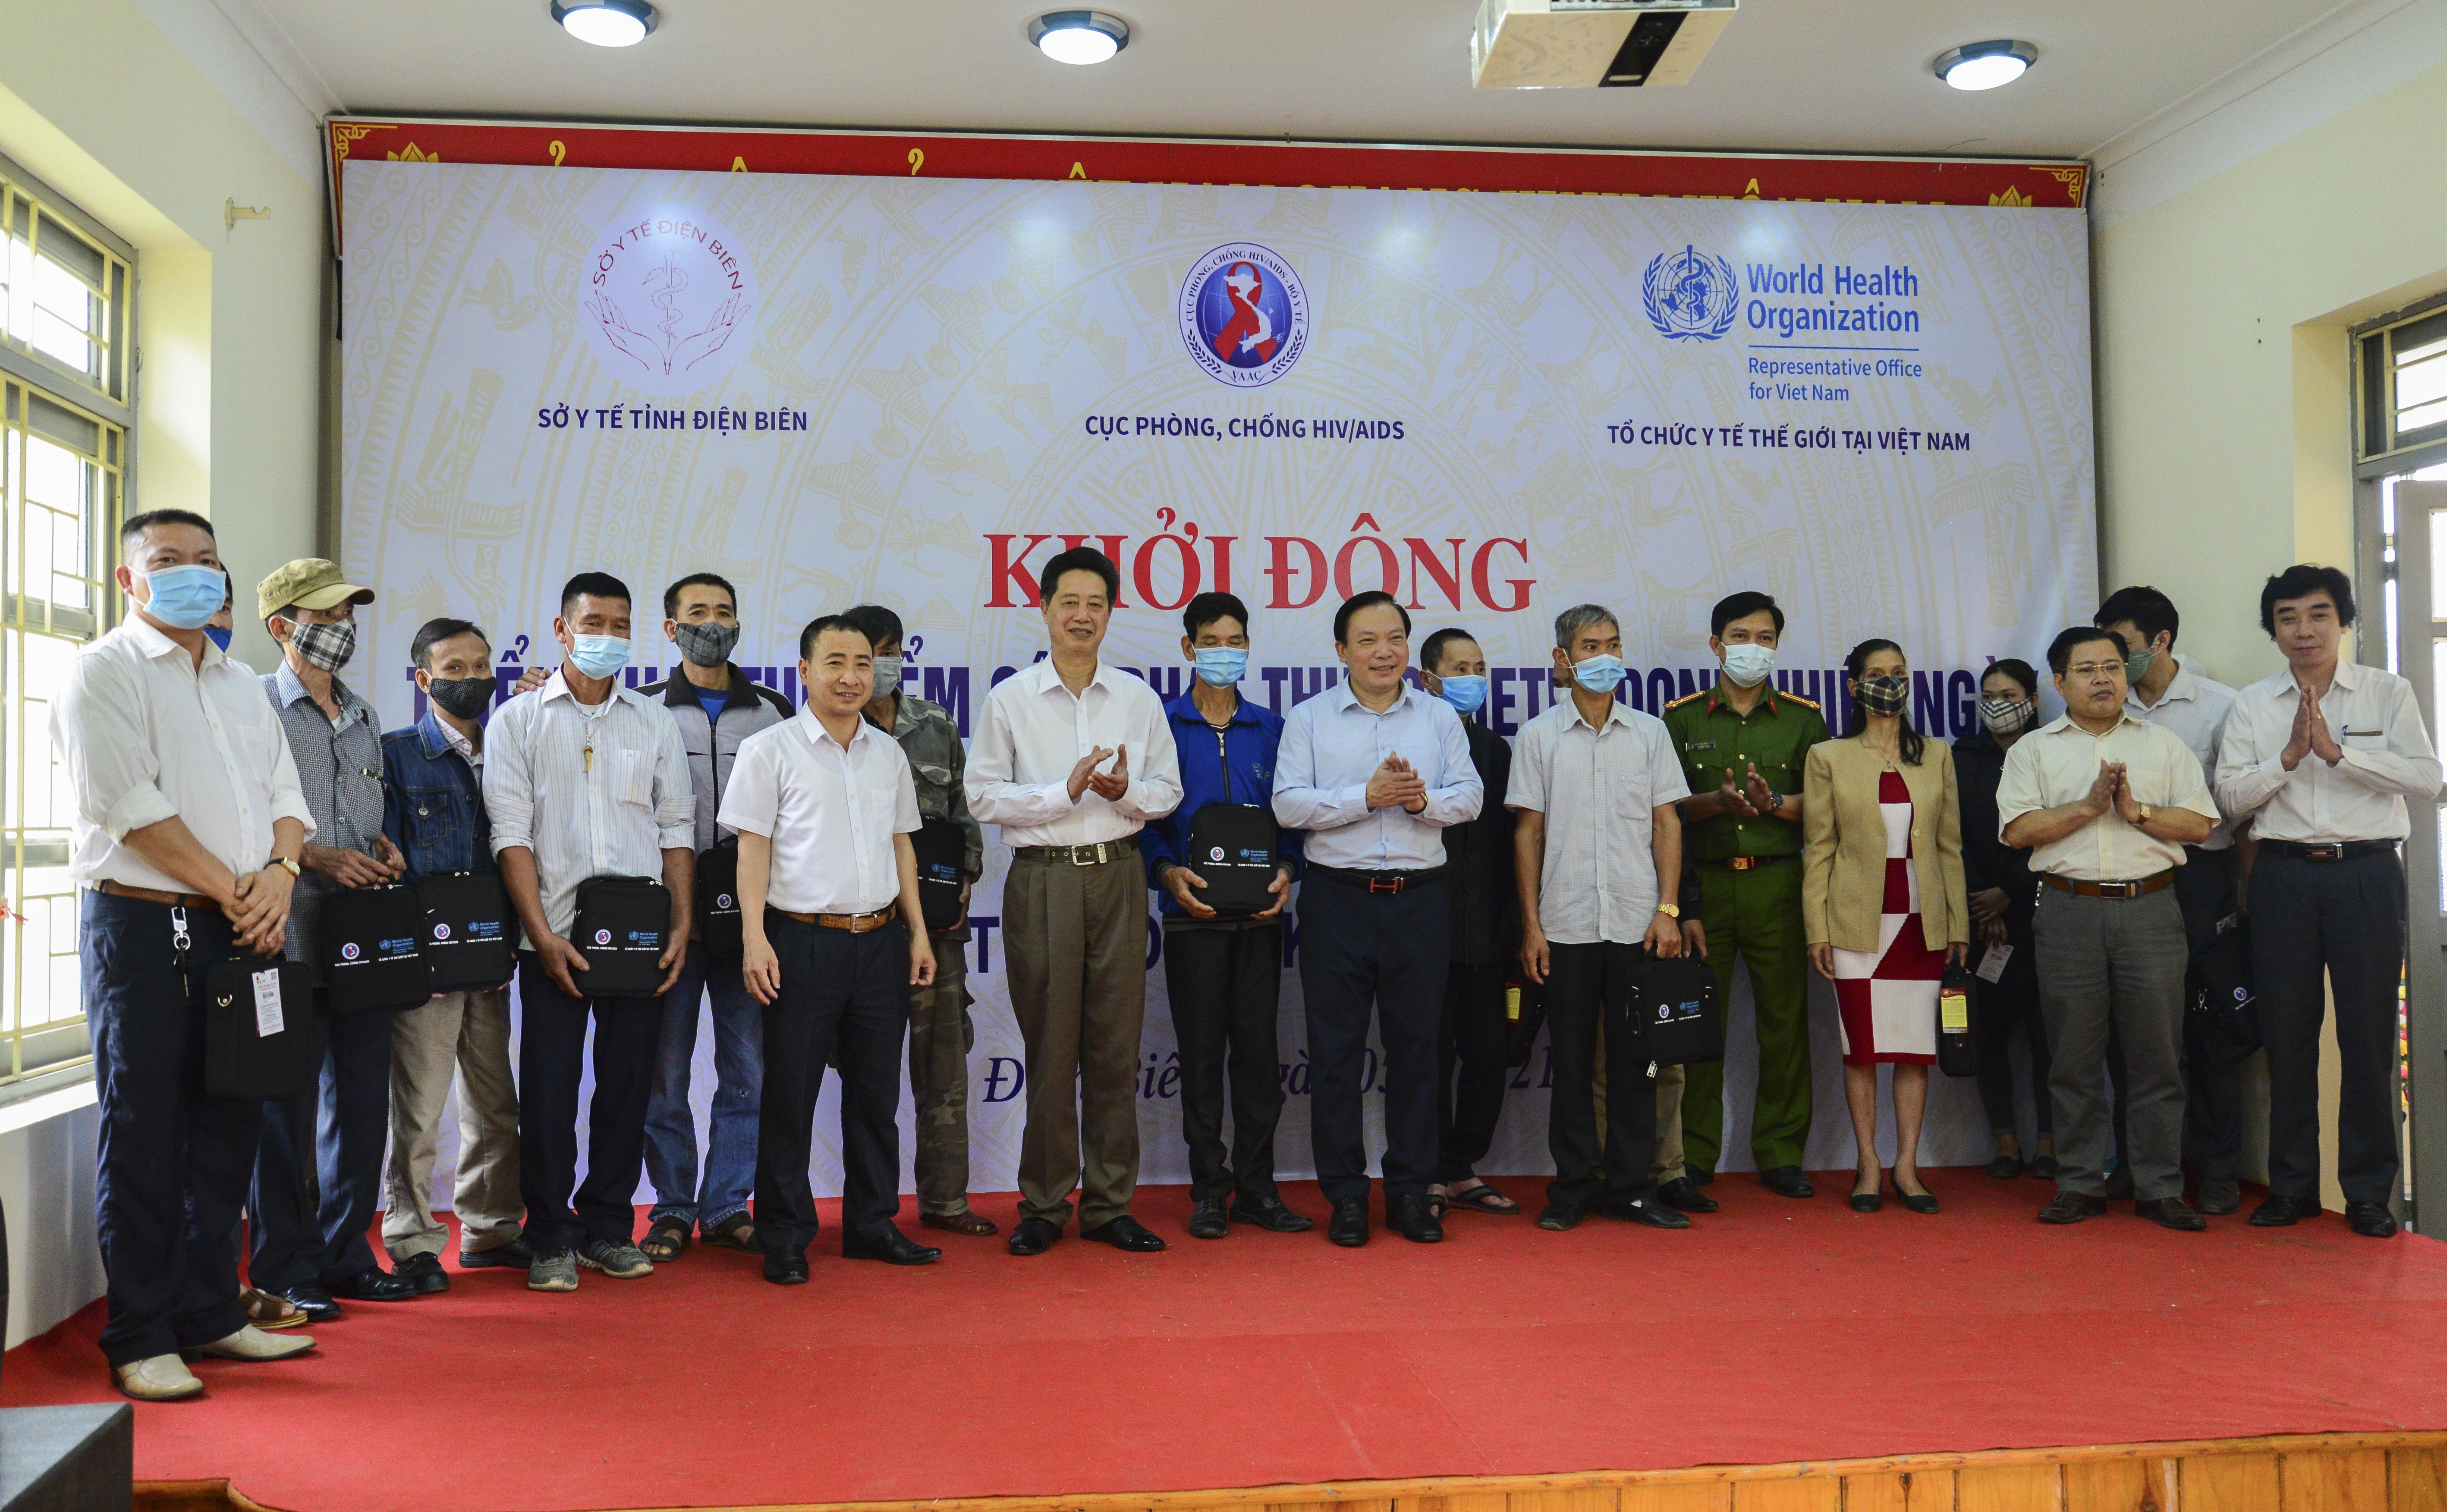 """Cục Phòng, chống HIV/AIDS (Bộ Y tế) cùng Sở Y tế tỉnh Điện Biên và Tổ chức Y tế thế giới tại Việt Nam tiến hành """"Khởi động cấp phát thuốc Methadone nhiều ngày cho người bệnh điều trị nghiện các chất dạng thuốc phiện."""""""